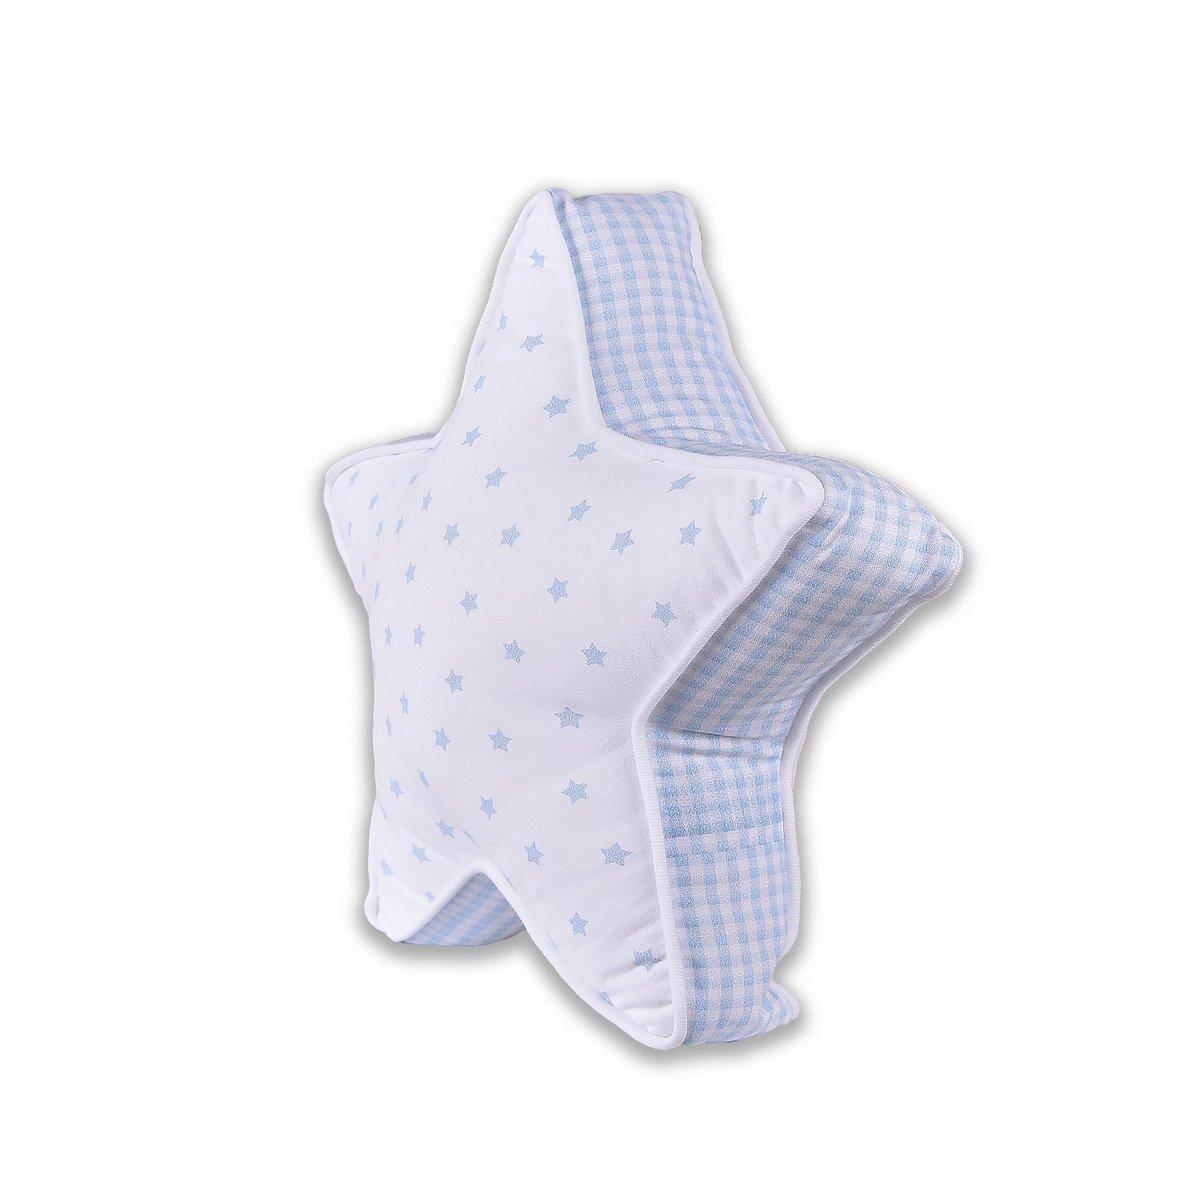 有機棉枕頭-星星 (細瑪藍色)